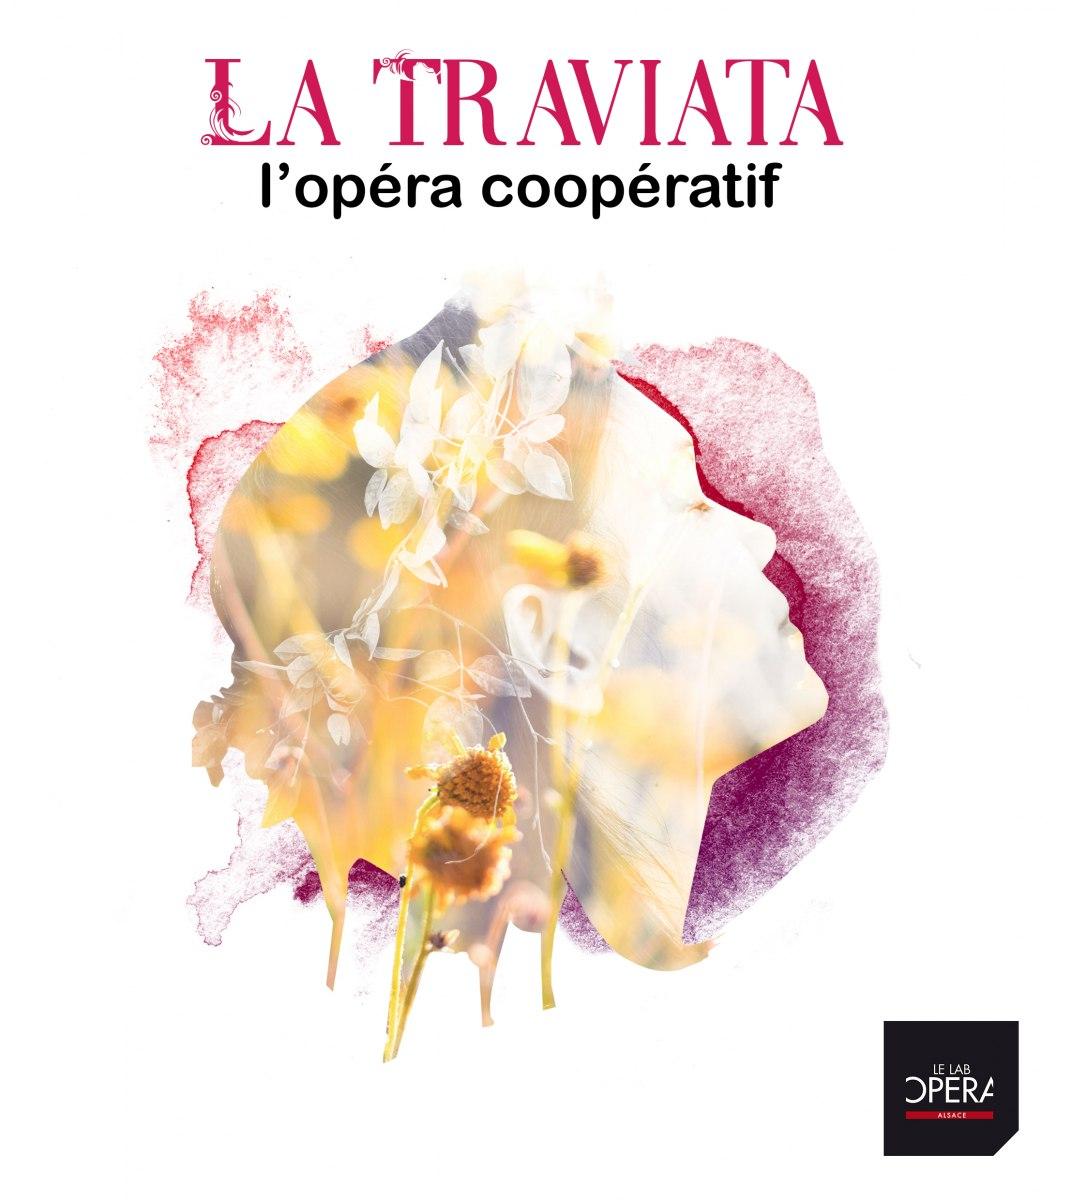 La Traviata - L'Opéra coopératif